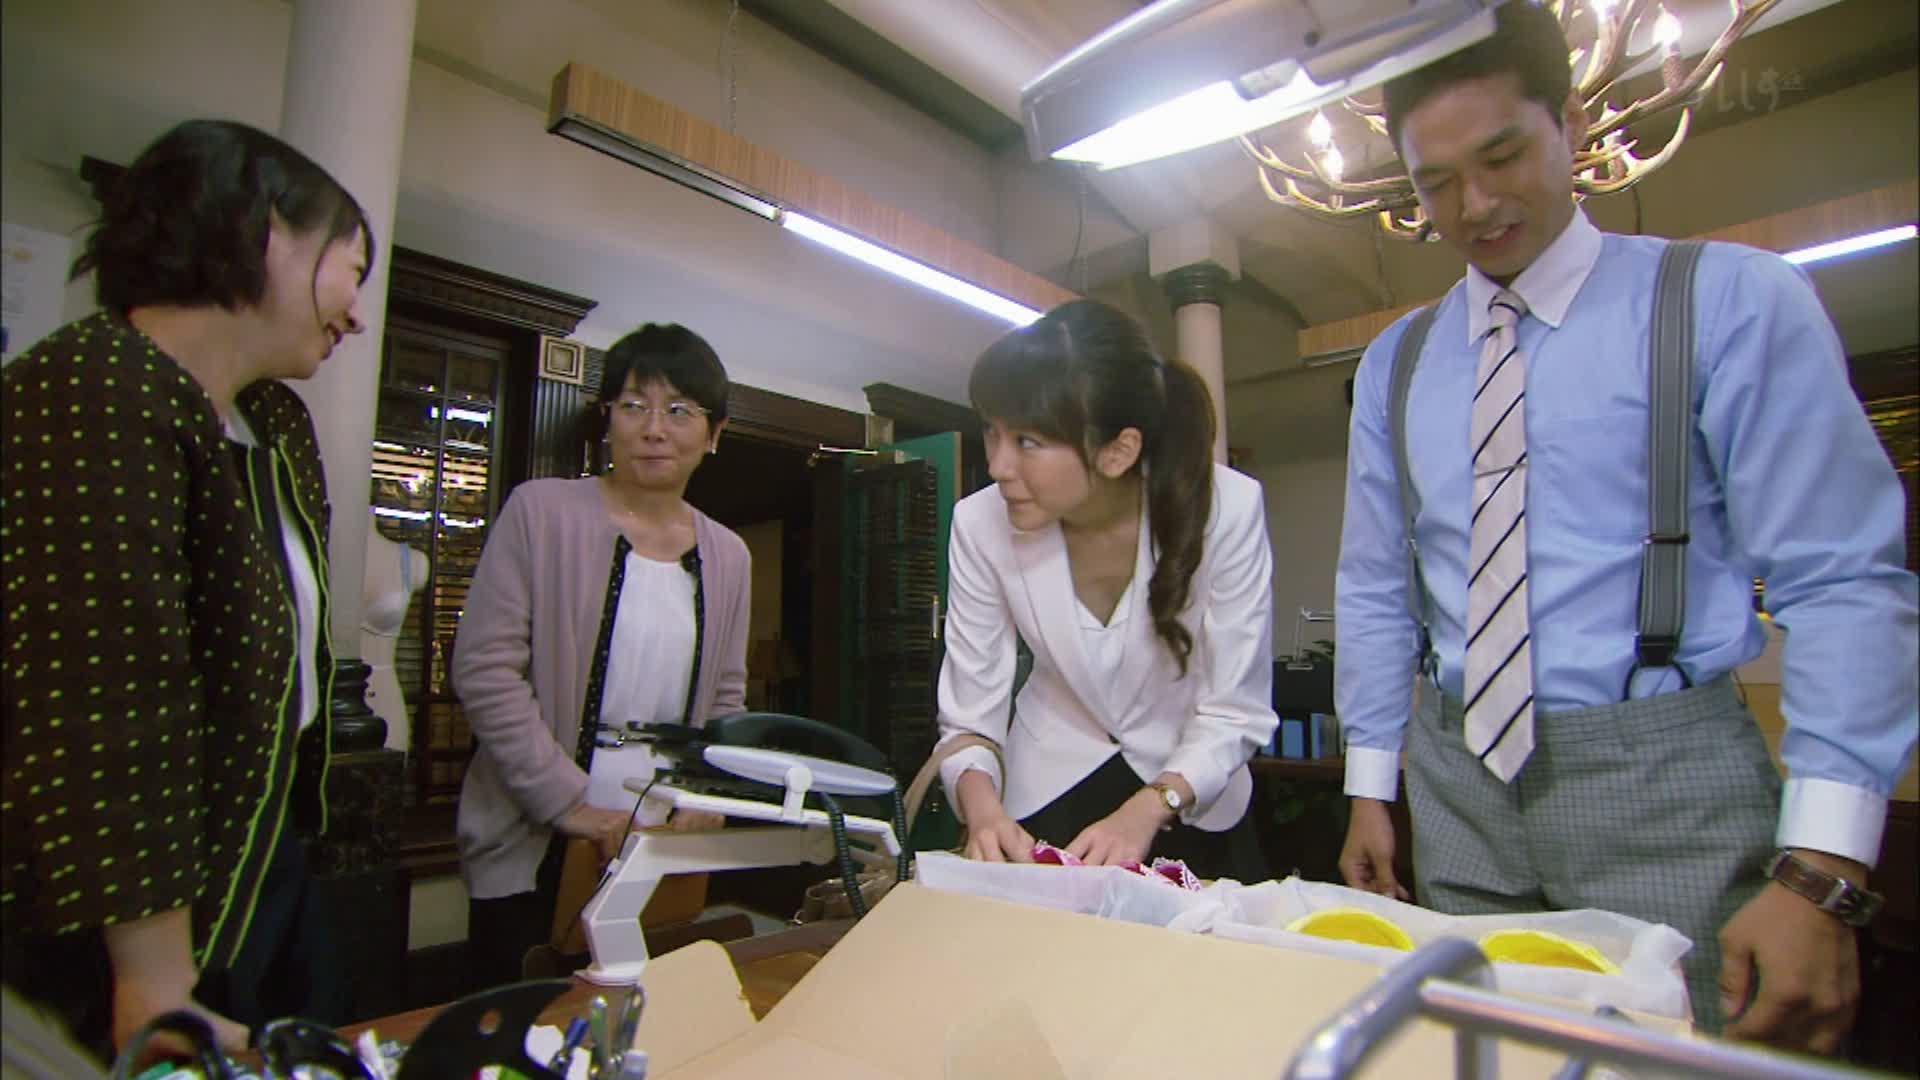 ドラマ「アンダーウェア」でブラウスを着た桐谷美玲の胸